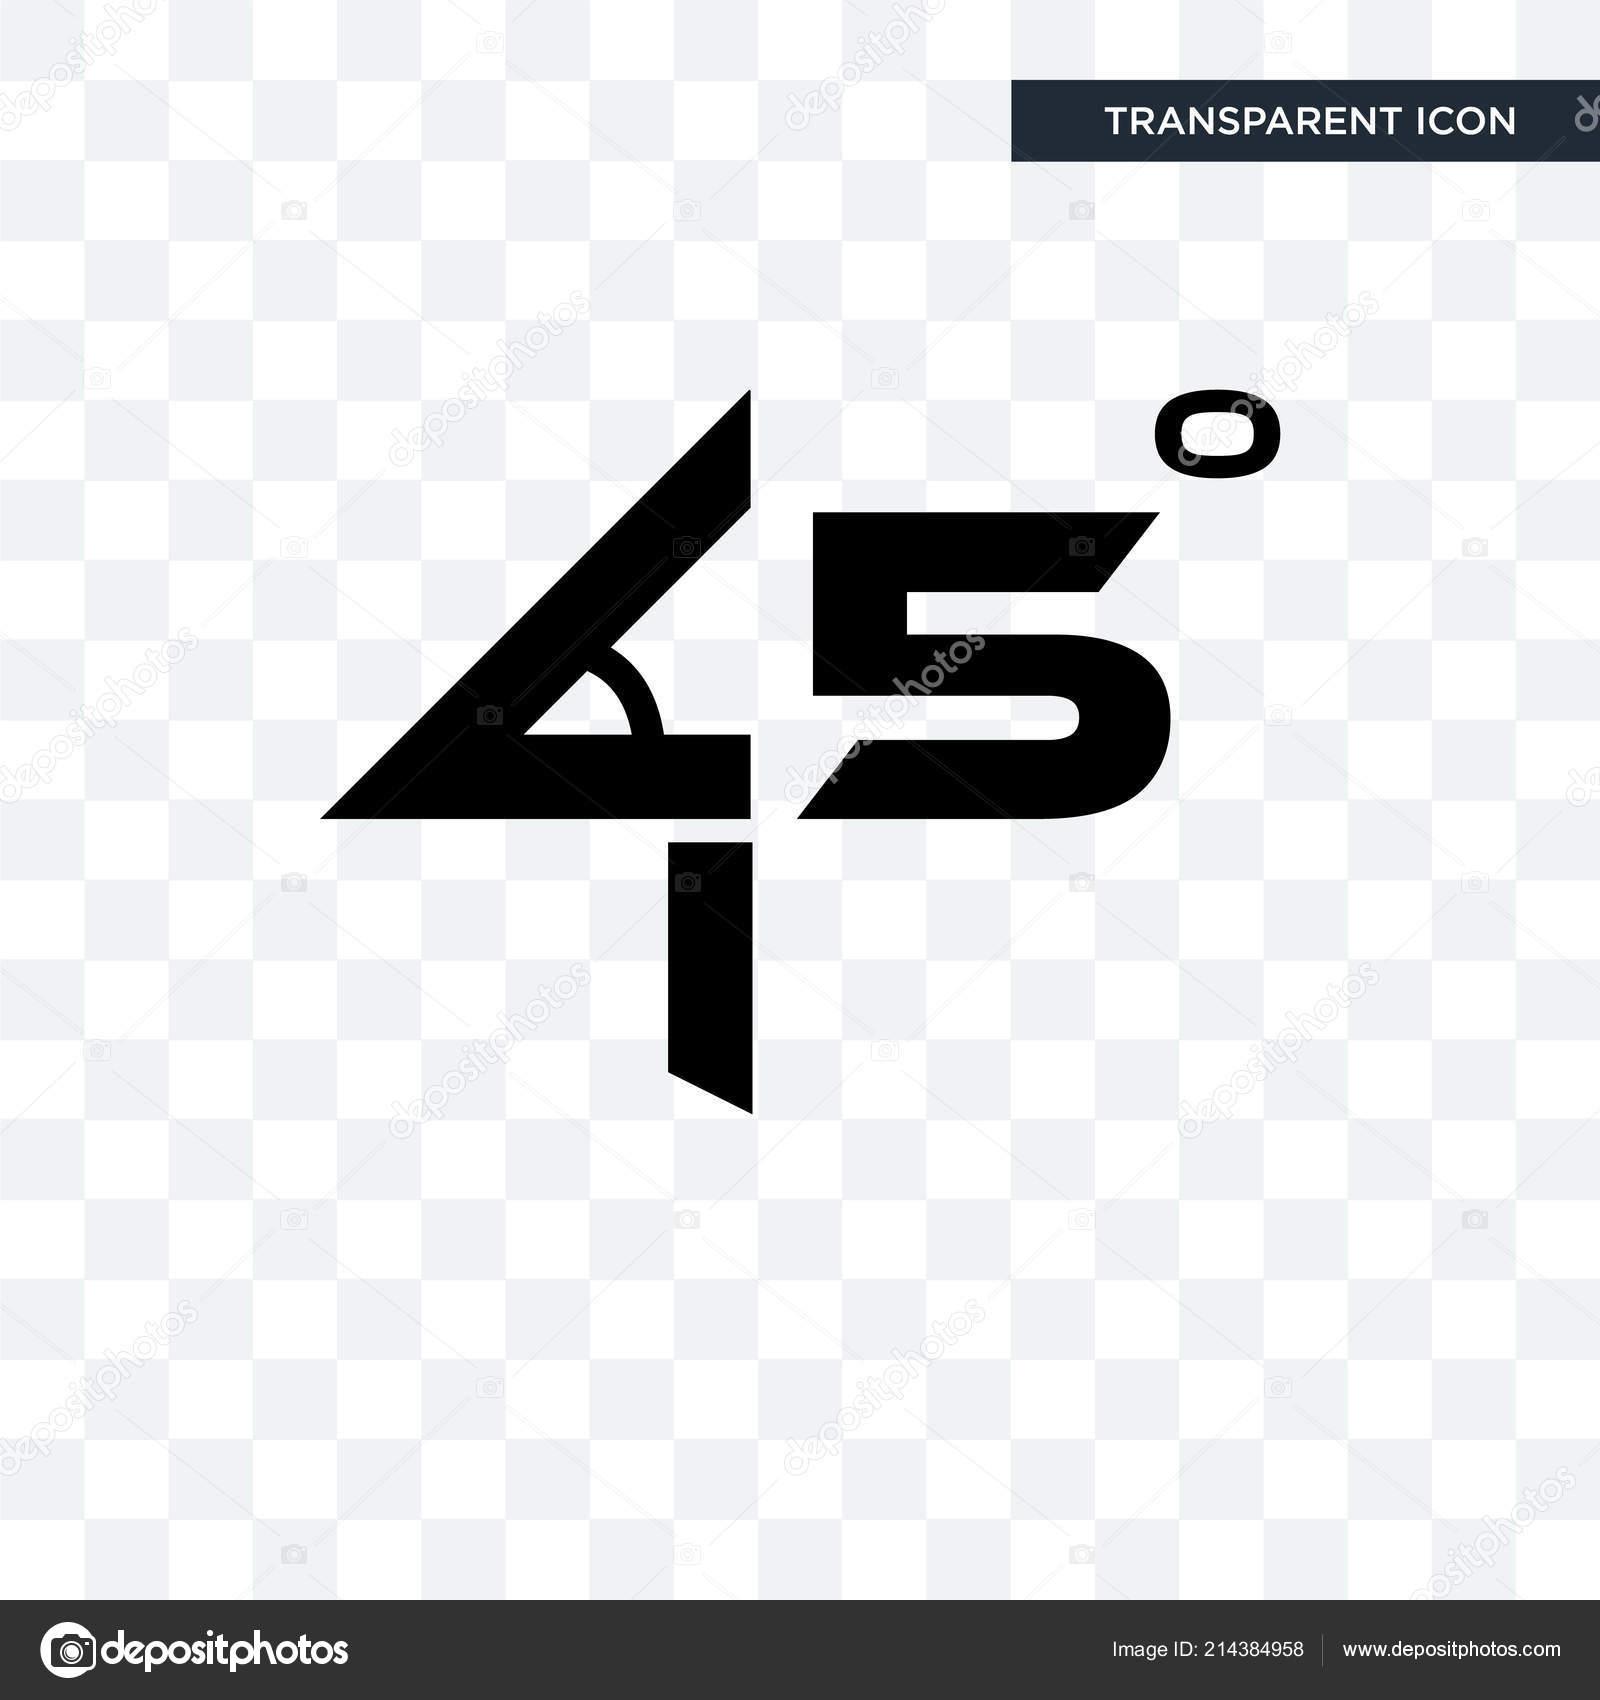 45-grad winkel vektor icon auf transparenten hintergrund isoliert